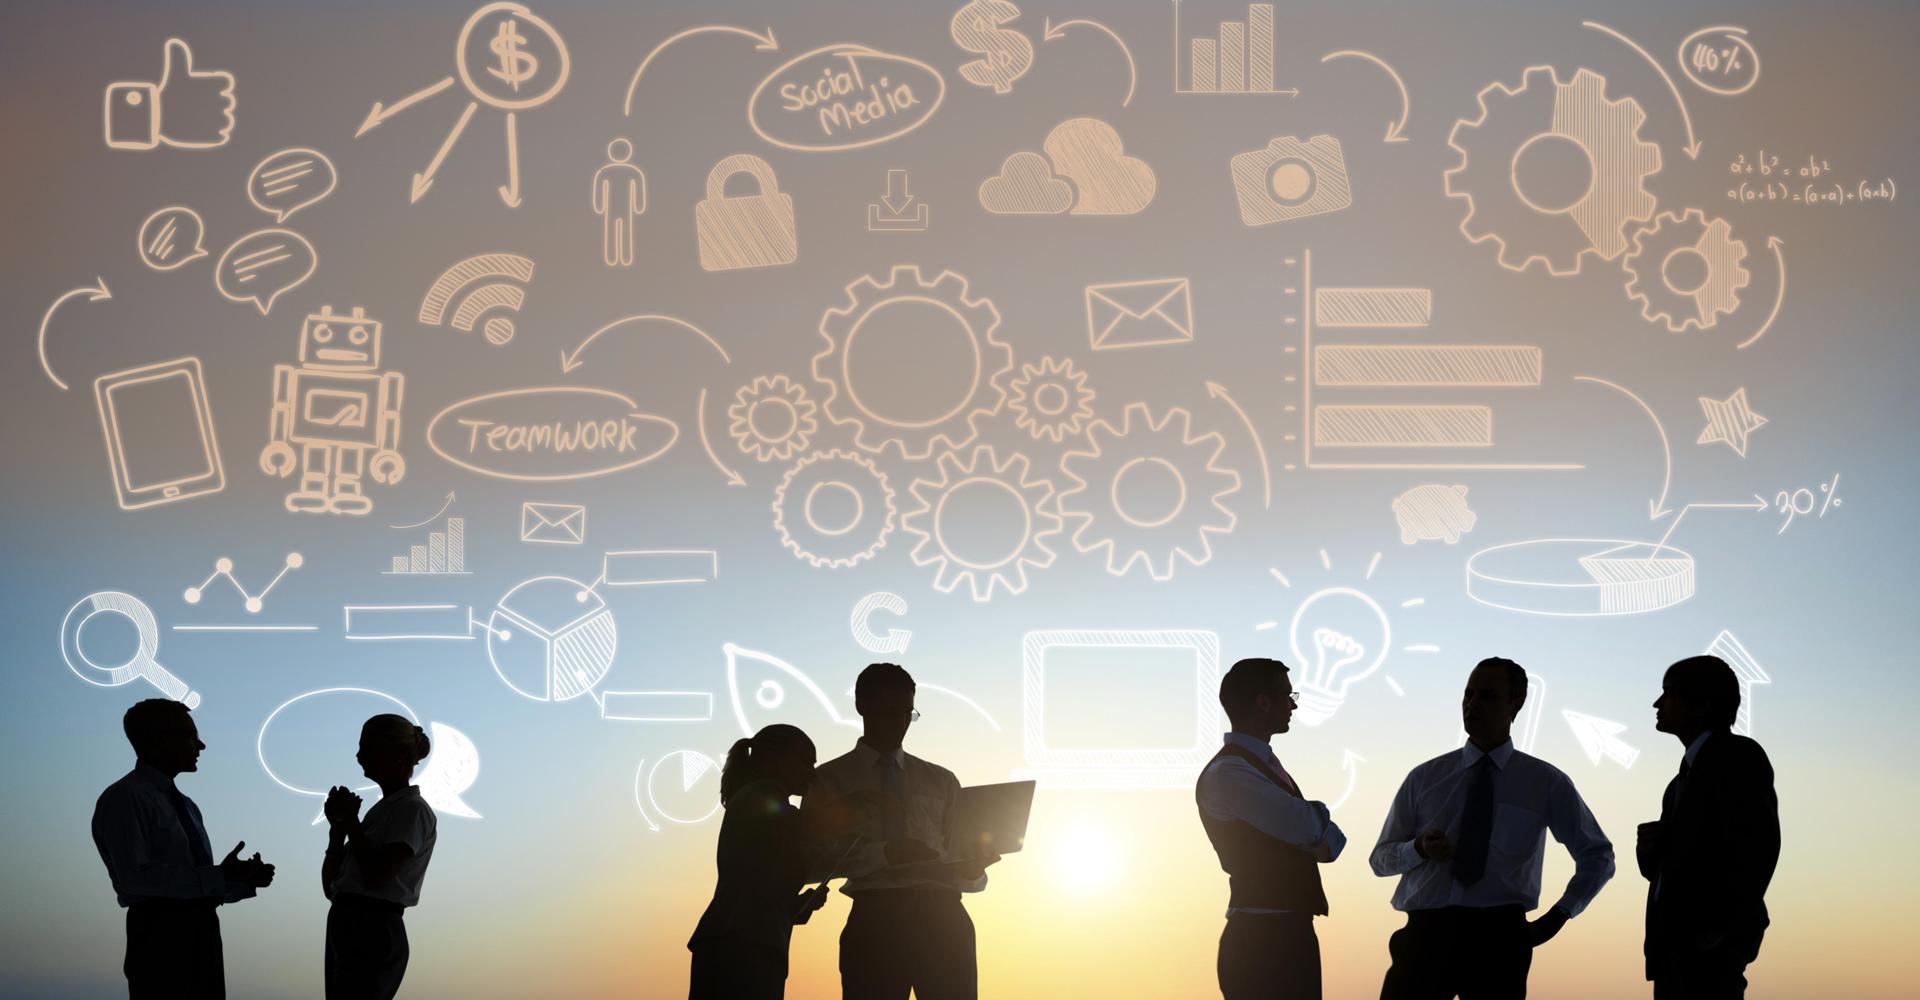 بنچمارک- شرکتهای مدرن کلید سودآوری در دنیای نوآوری و فناوری